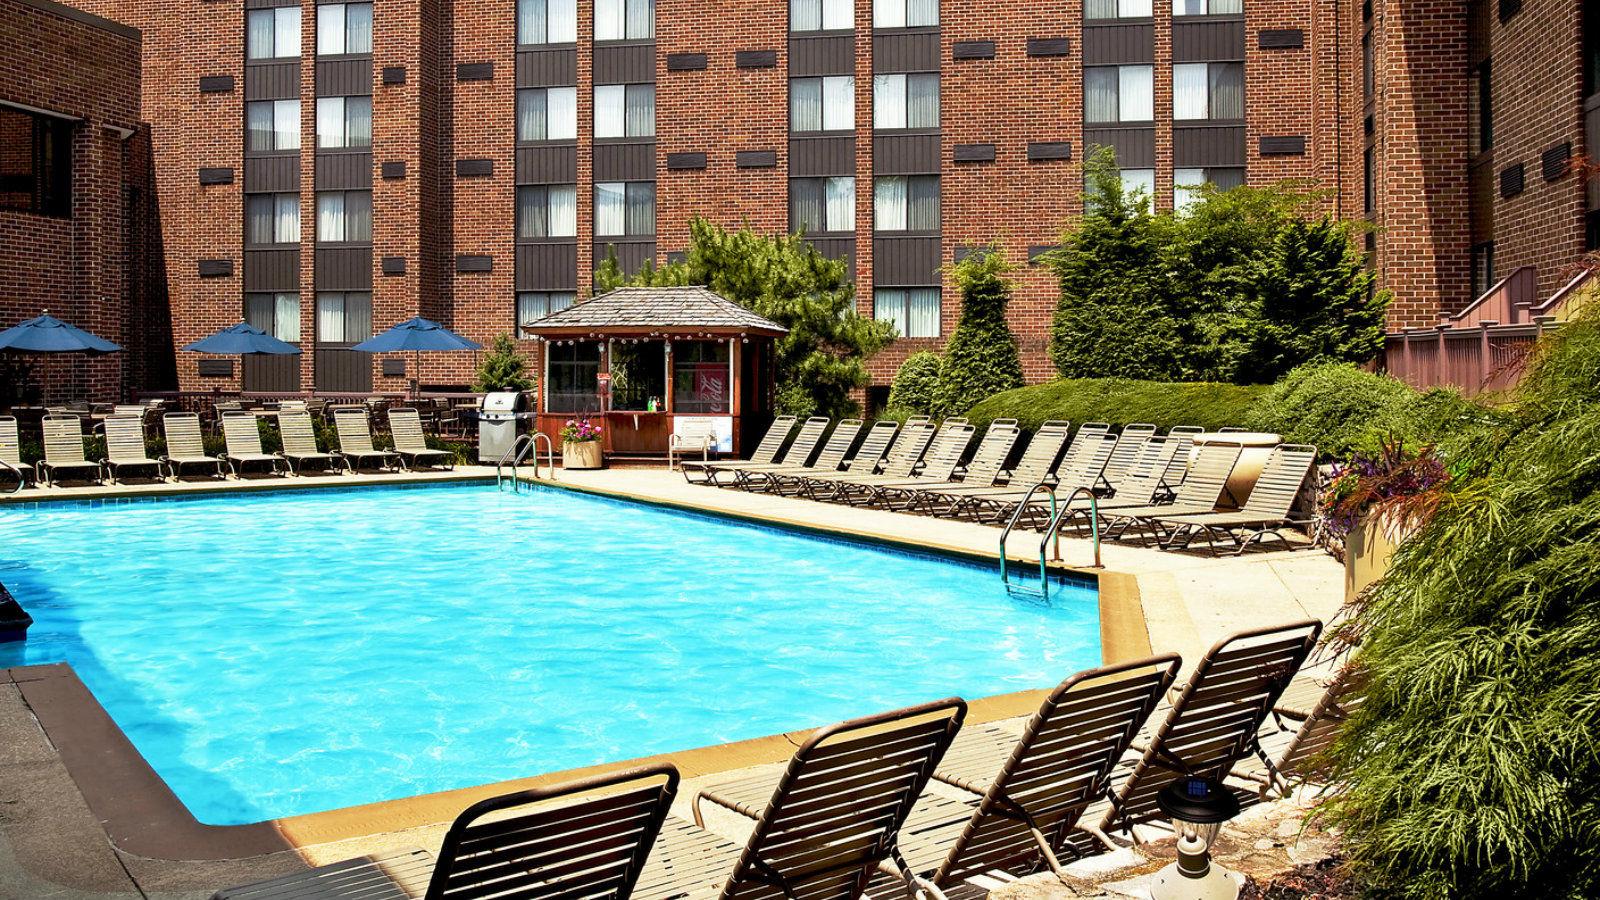 Sheraton Harrisburg Hershey Hotel image 22